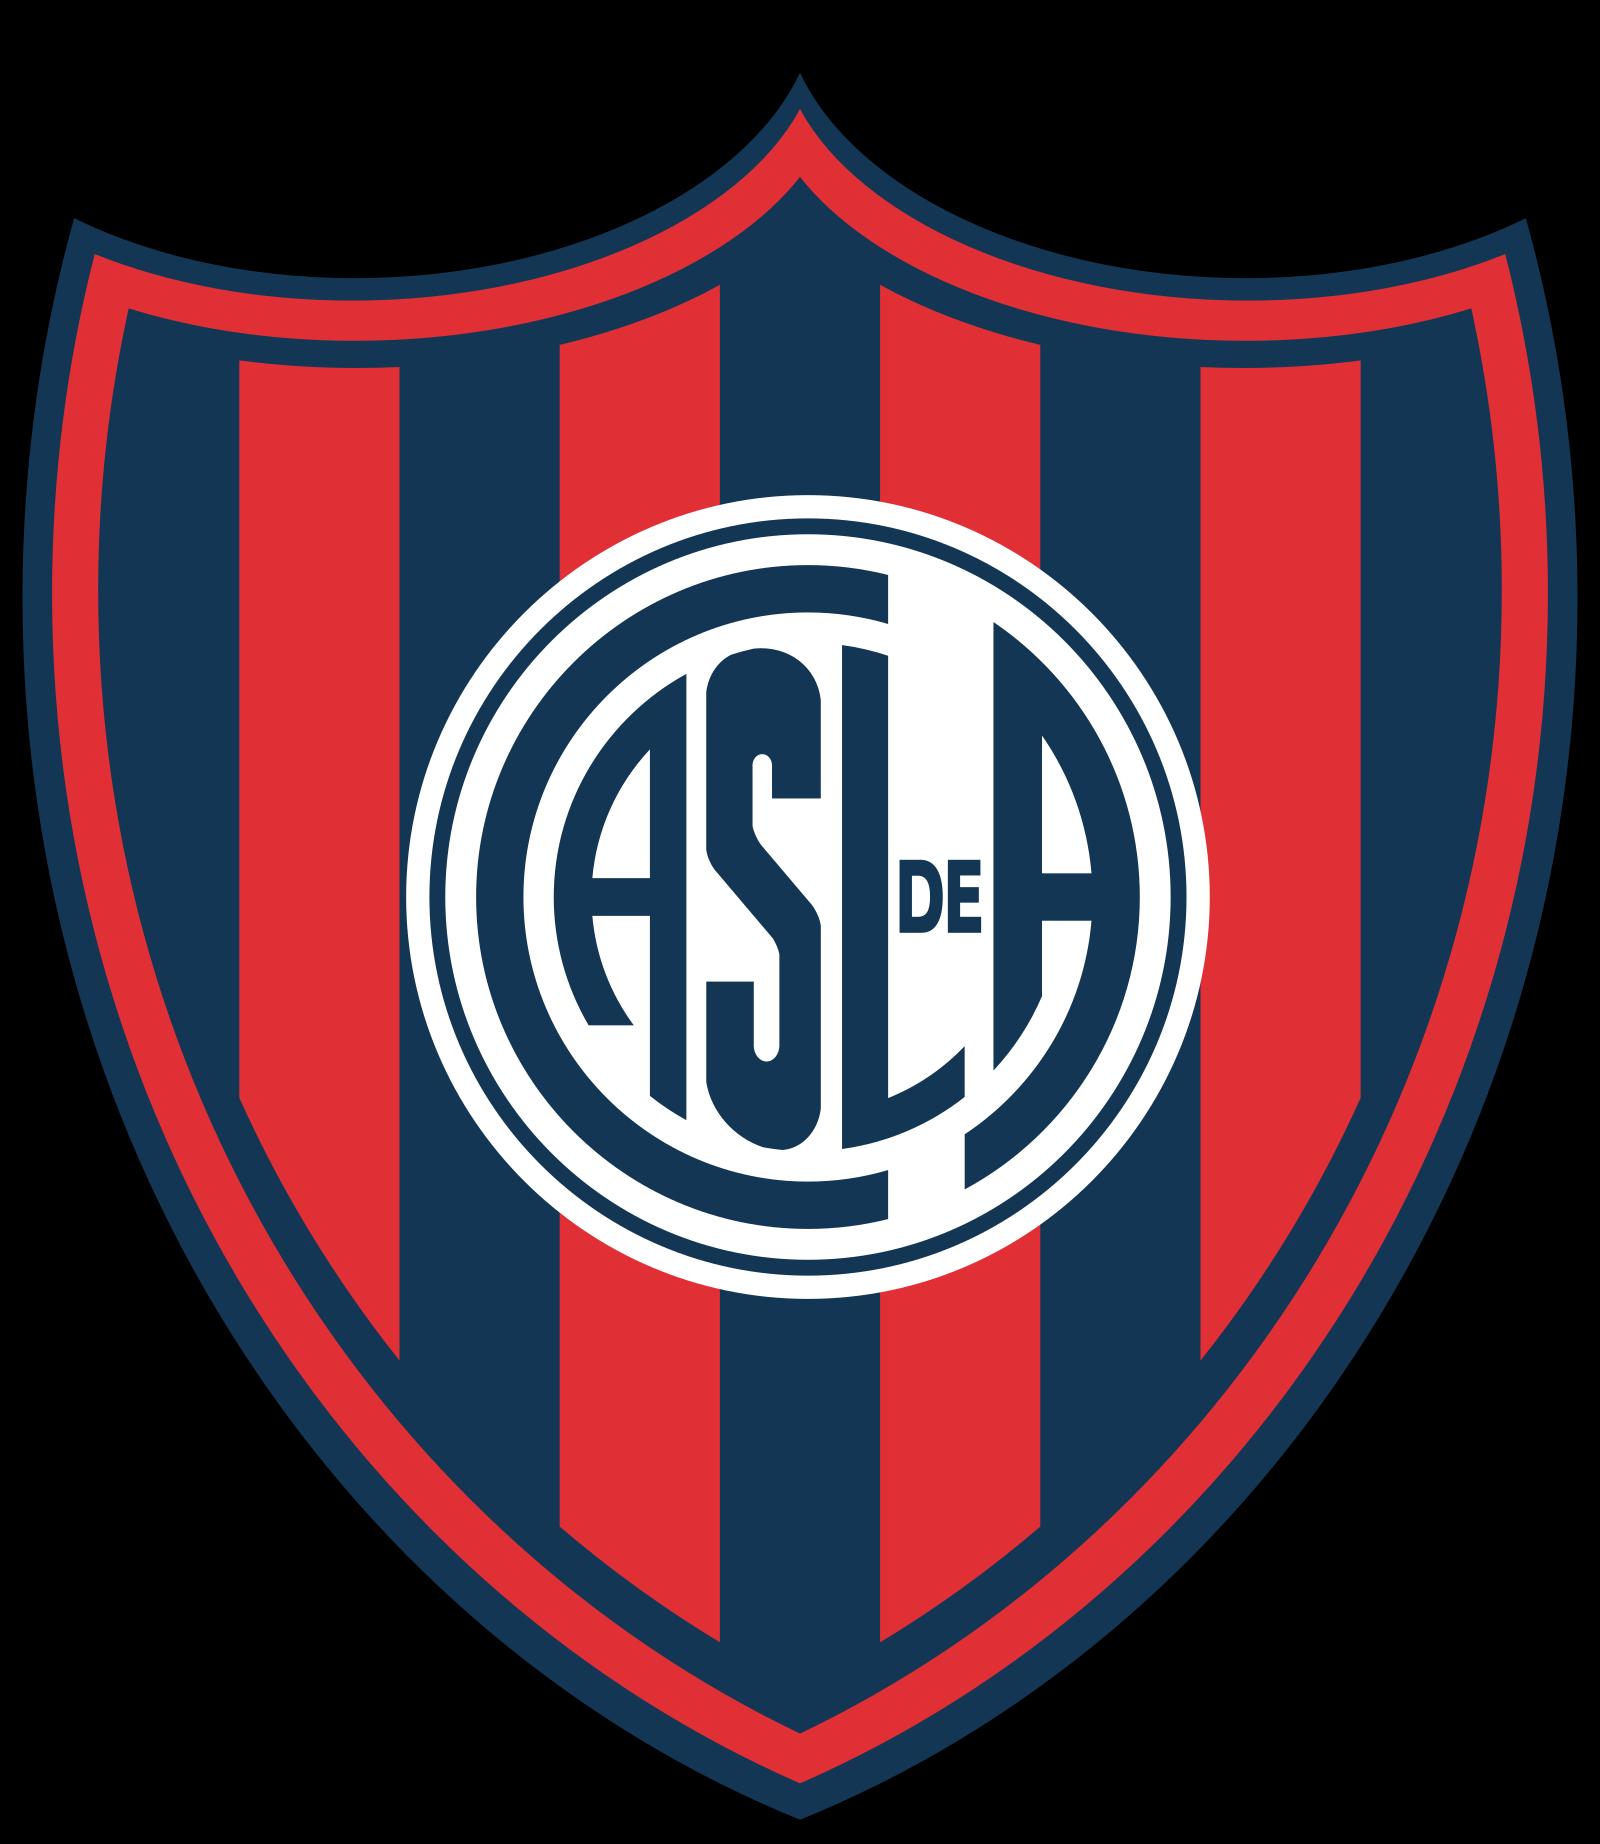 san-lorenzo-logo-escudo-2